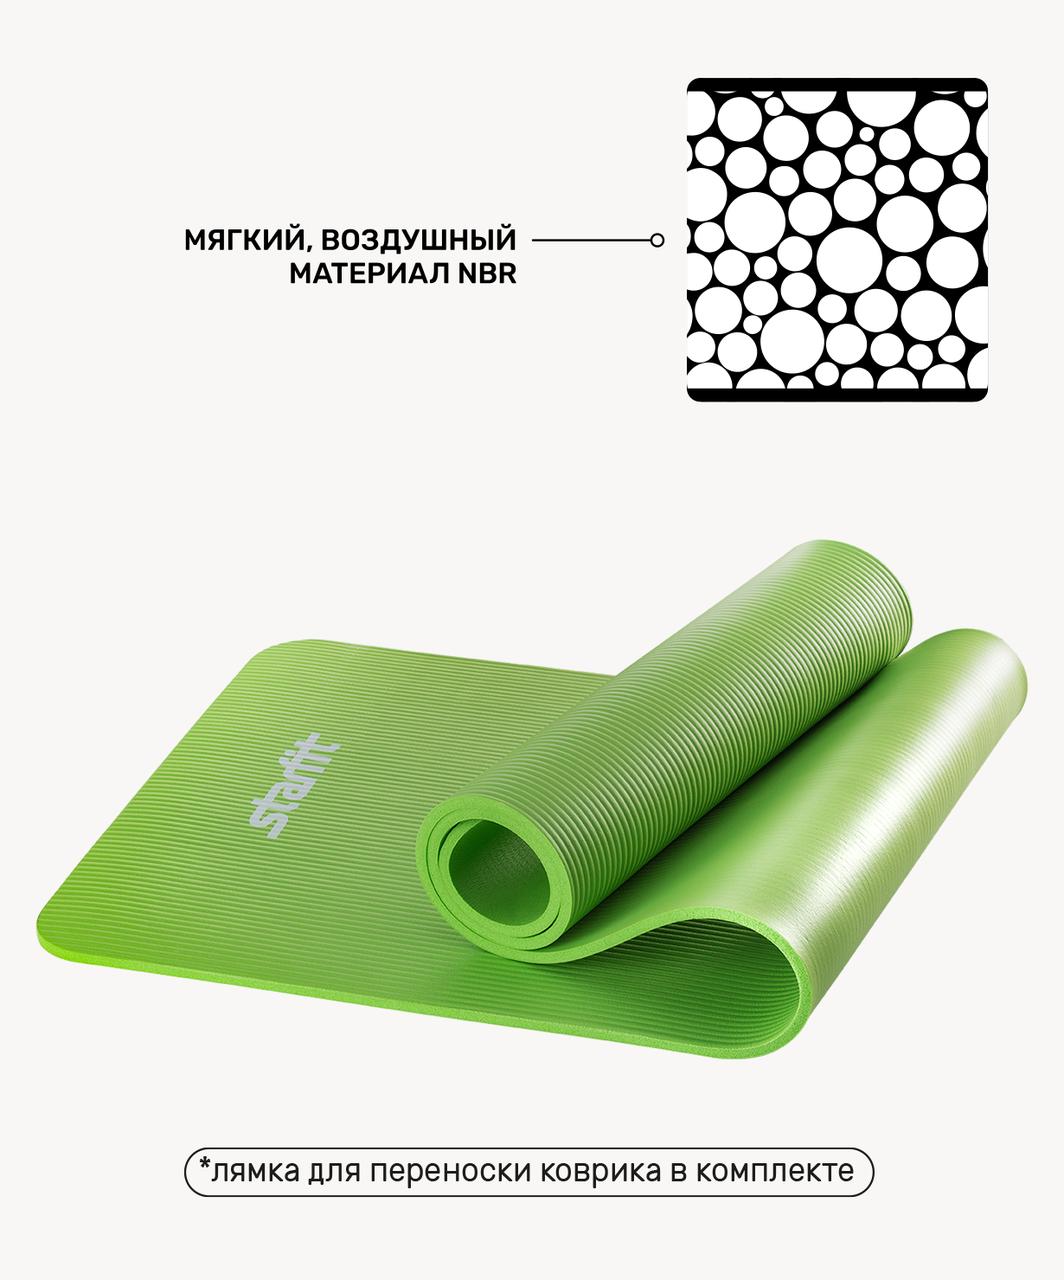 Коврик для йоги FM-301 толщина  1 см  Starfit